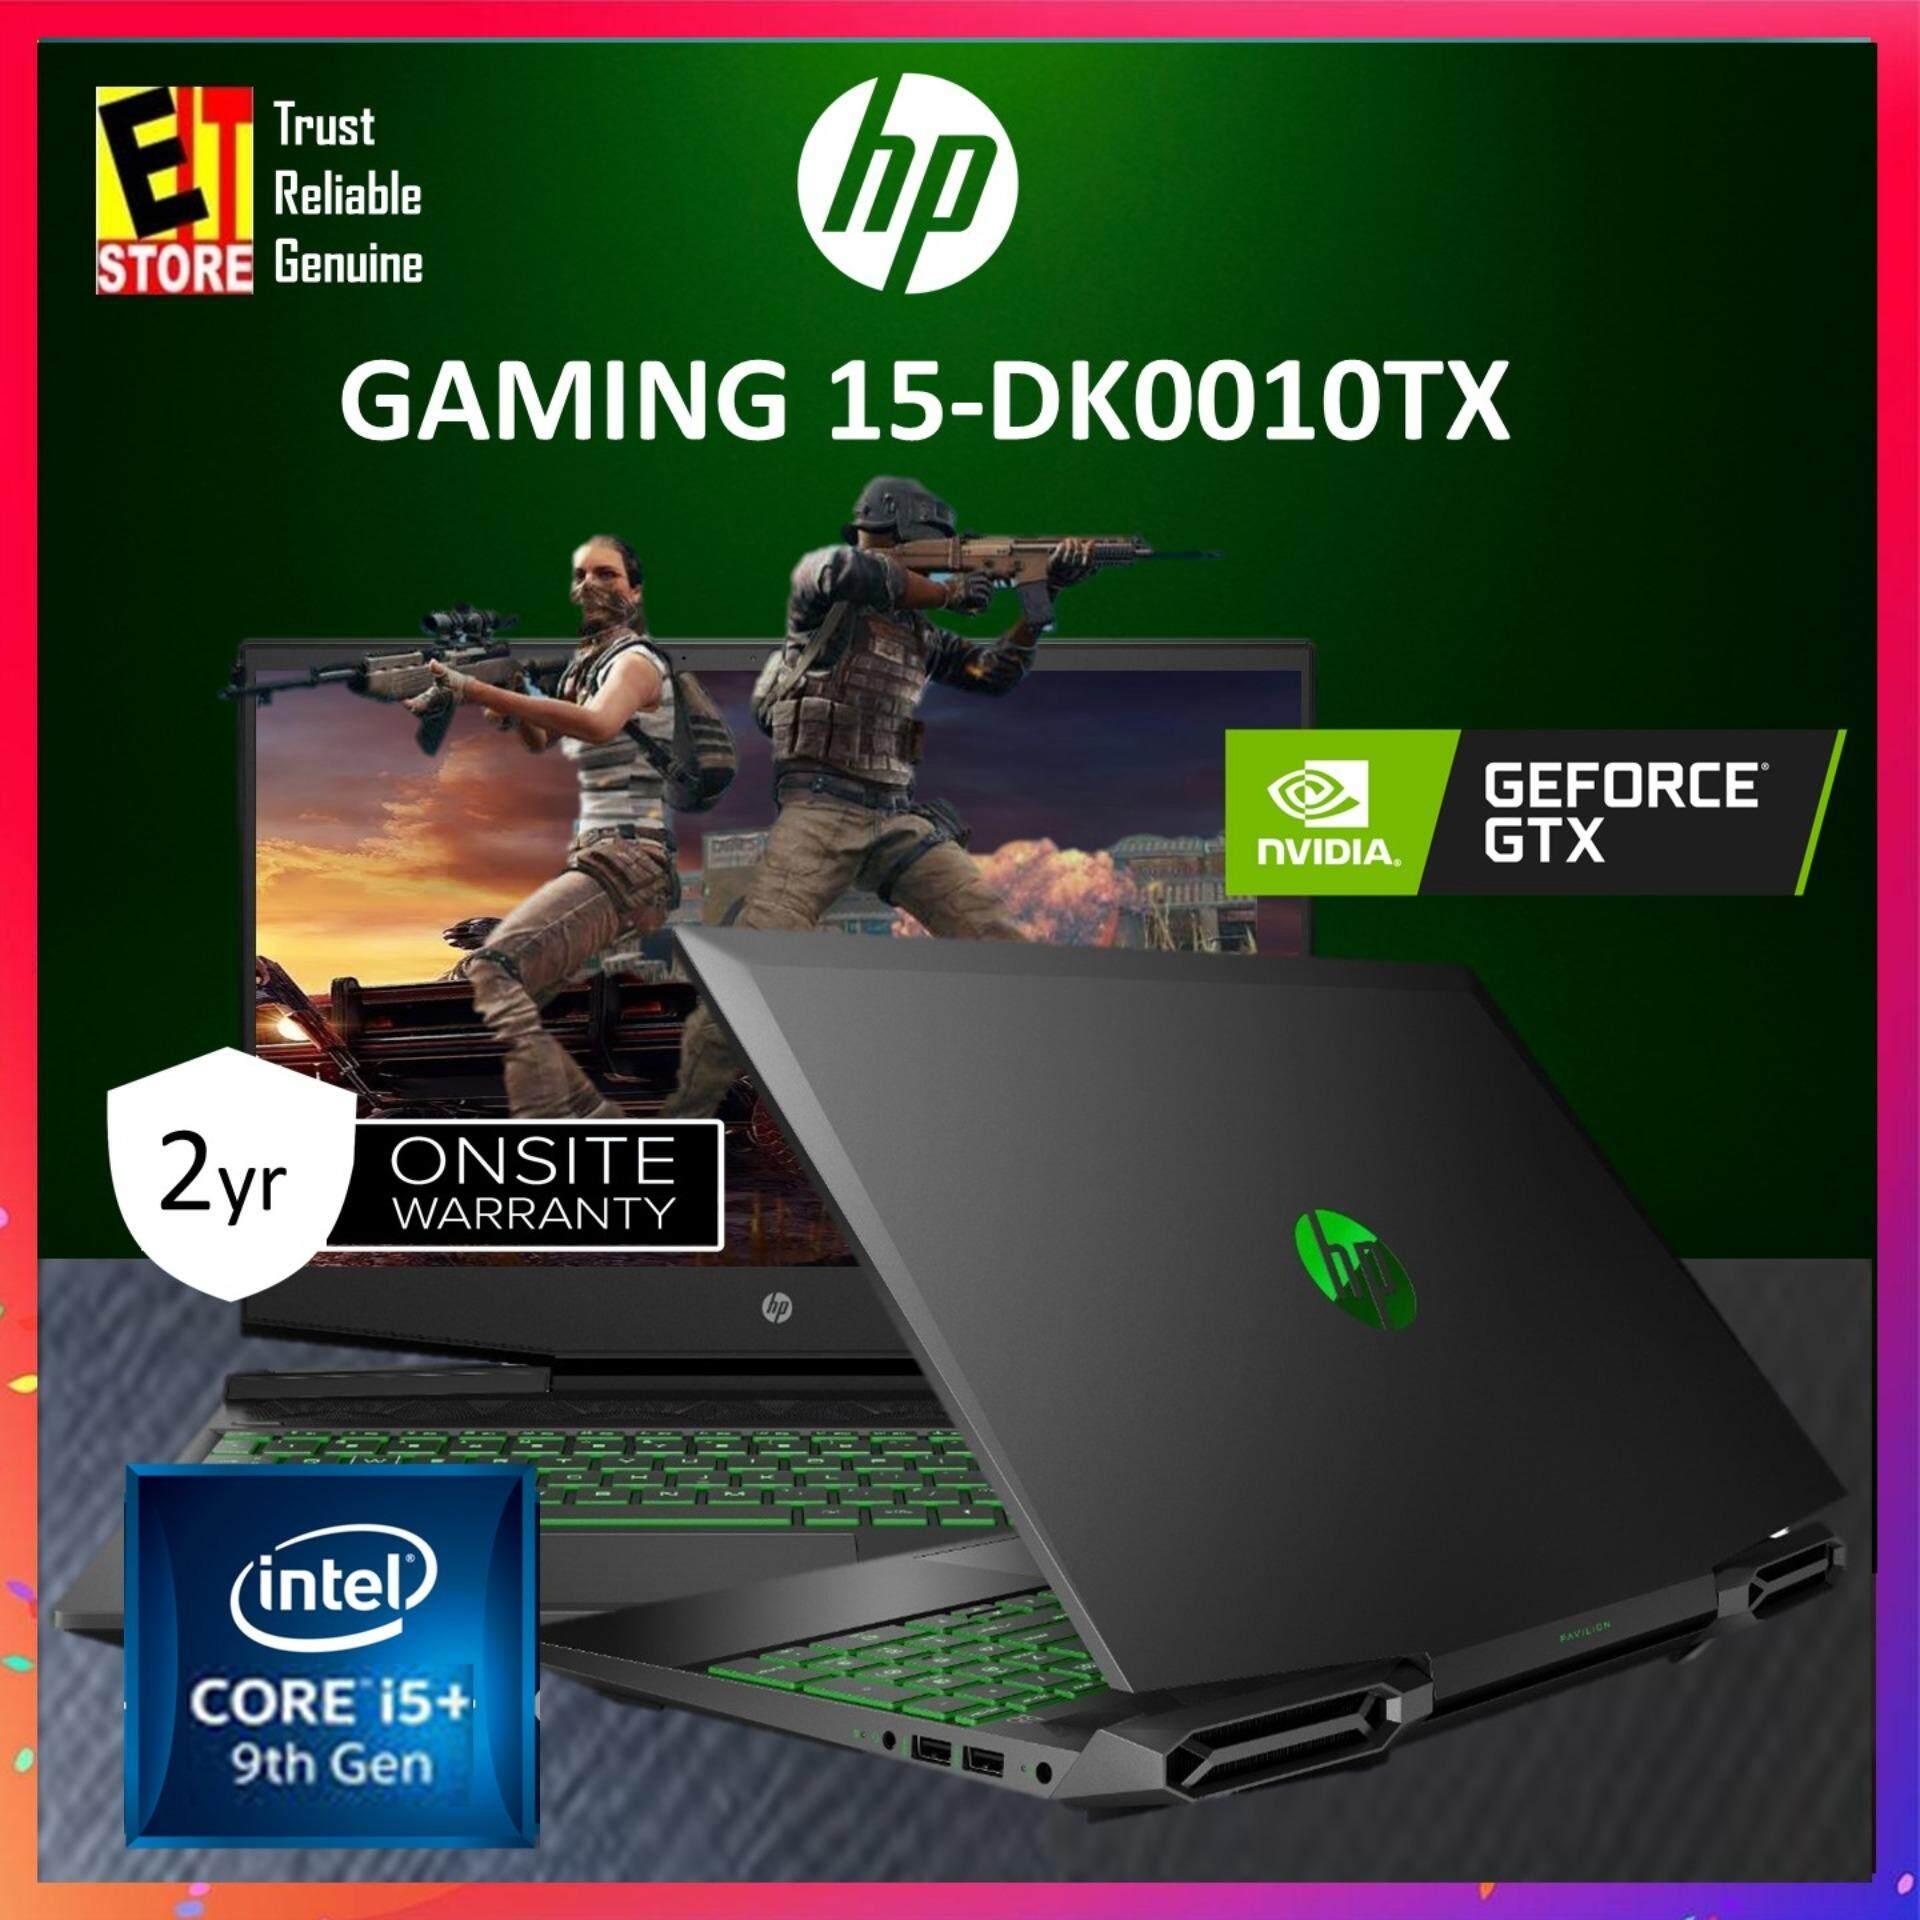 HP PAVILION GAMING 15-DK0010TX (I5-9300H/4GB/1TB/15 6 FHD/GTX1050  4GB/W10/2YRS)+ HP BAGPACK